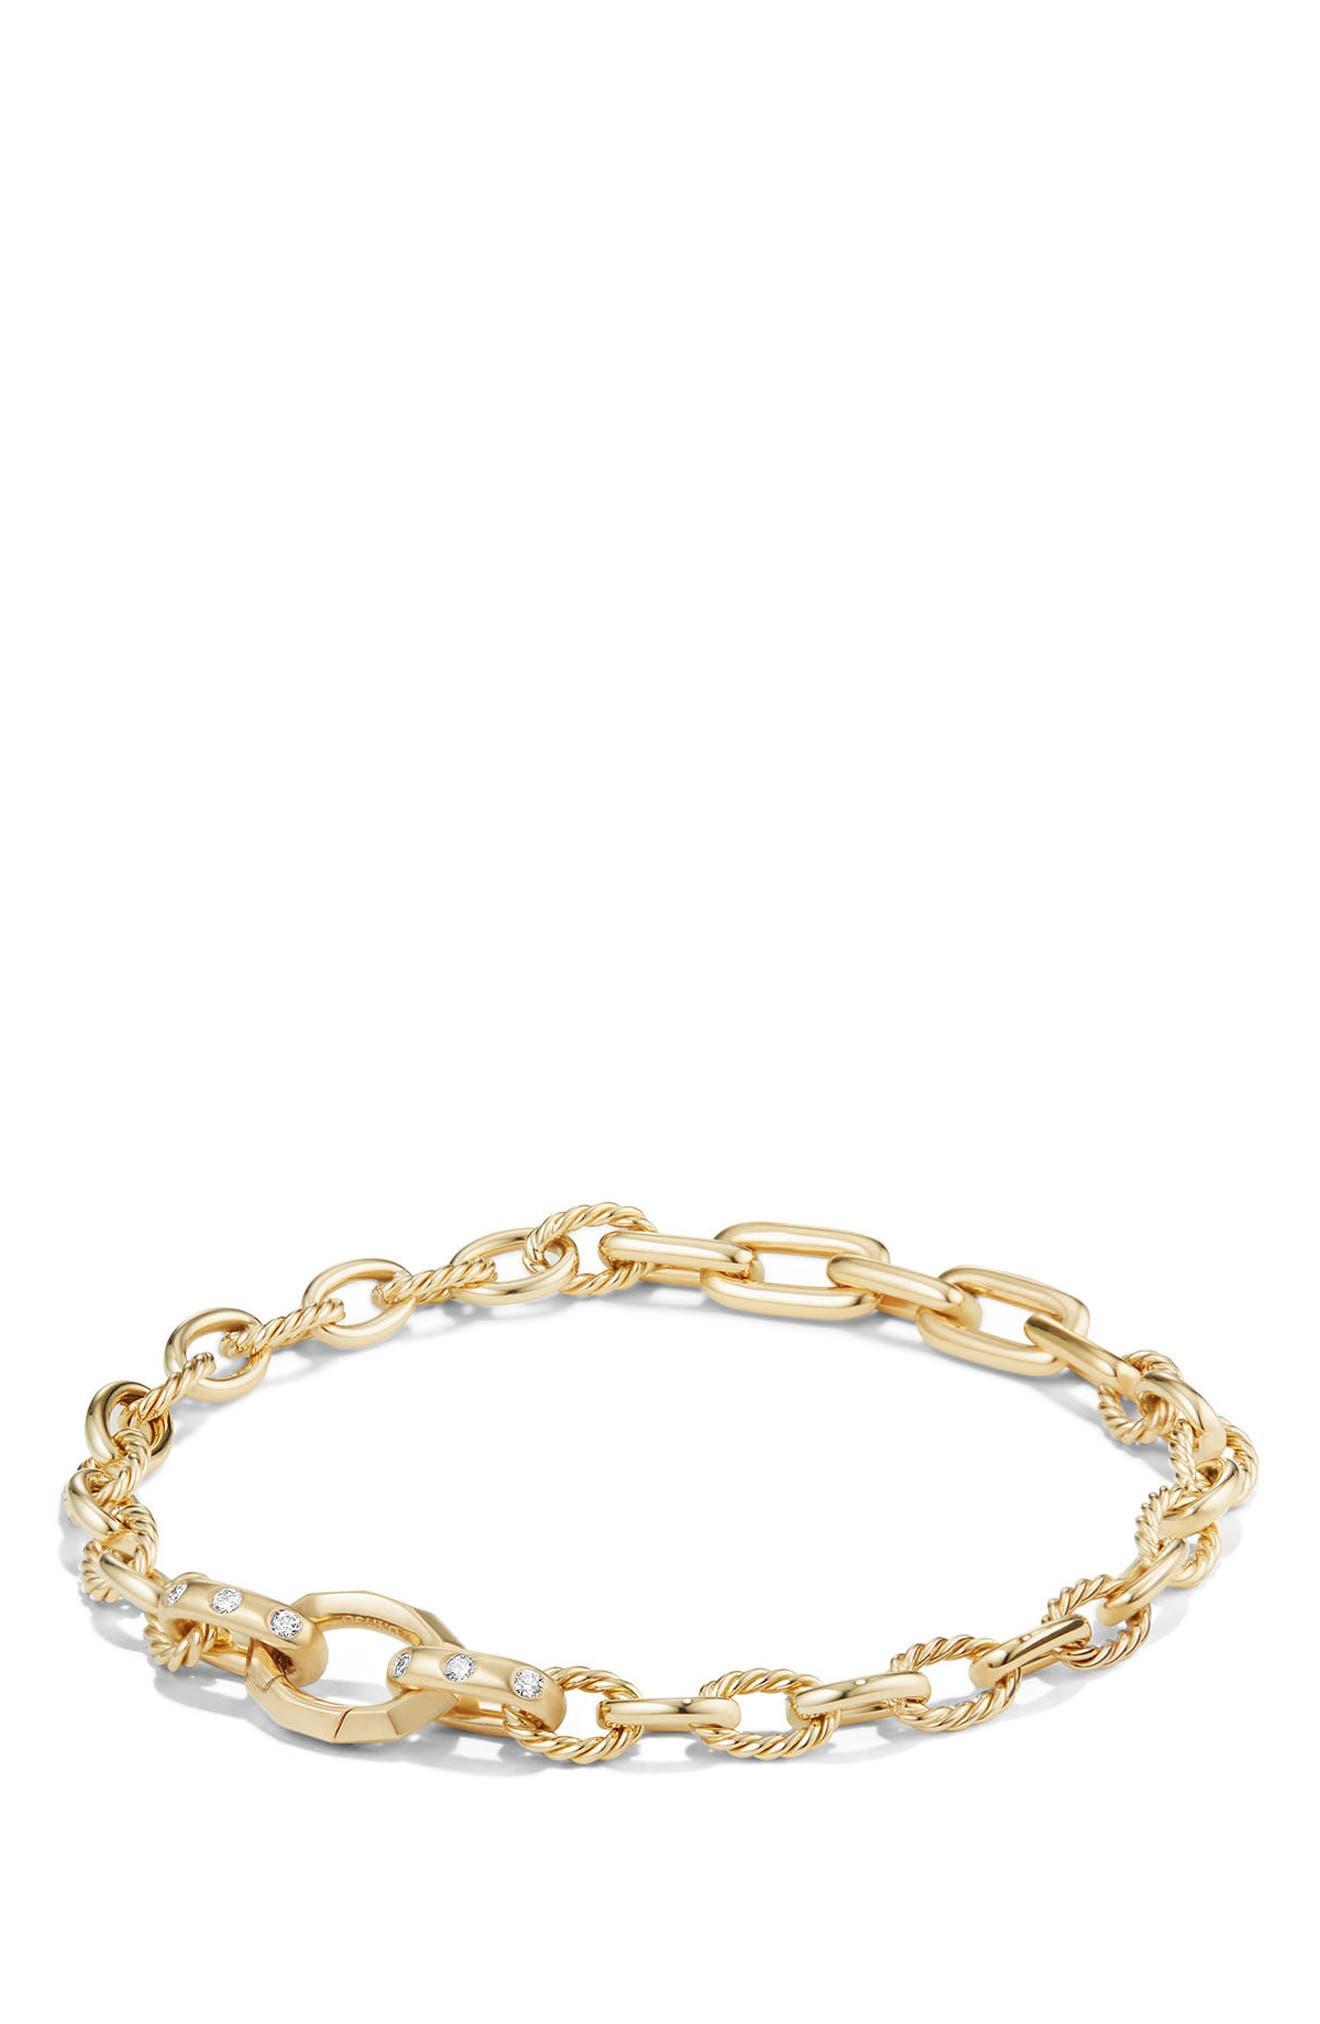 David Yurman Stax Chain Bracelet with Diamonds in 18K Gold